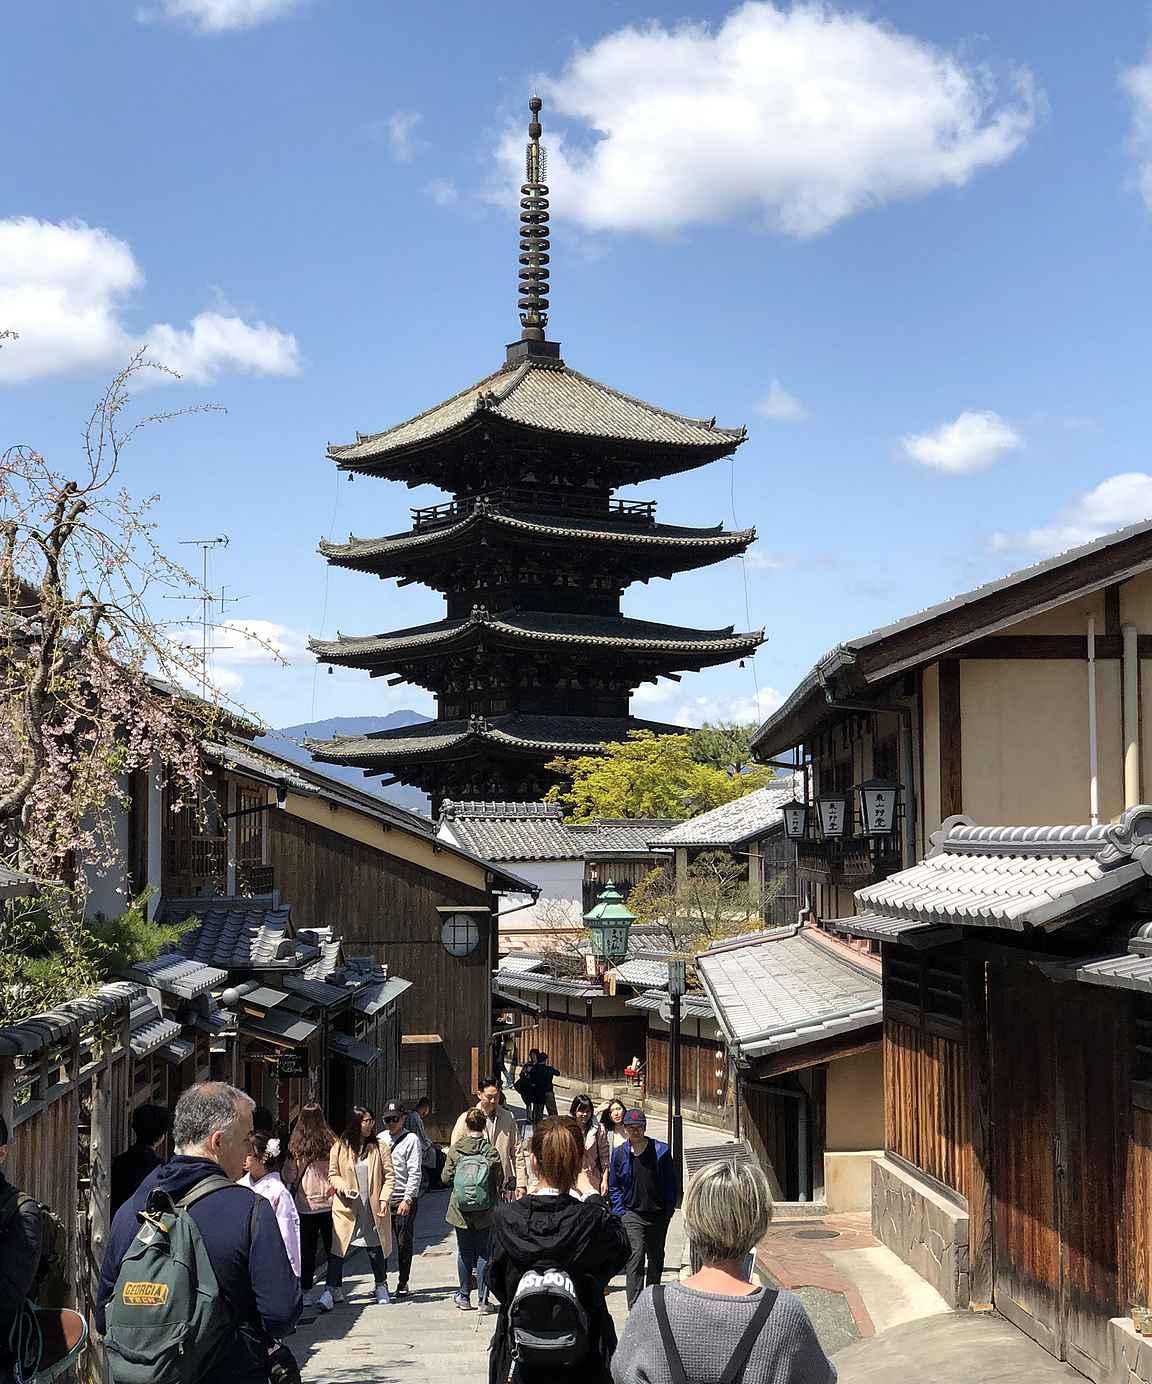 Hokan-ji temppelille kävellään viehättävää kujaa pitkin.